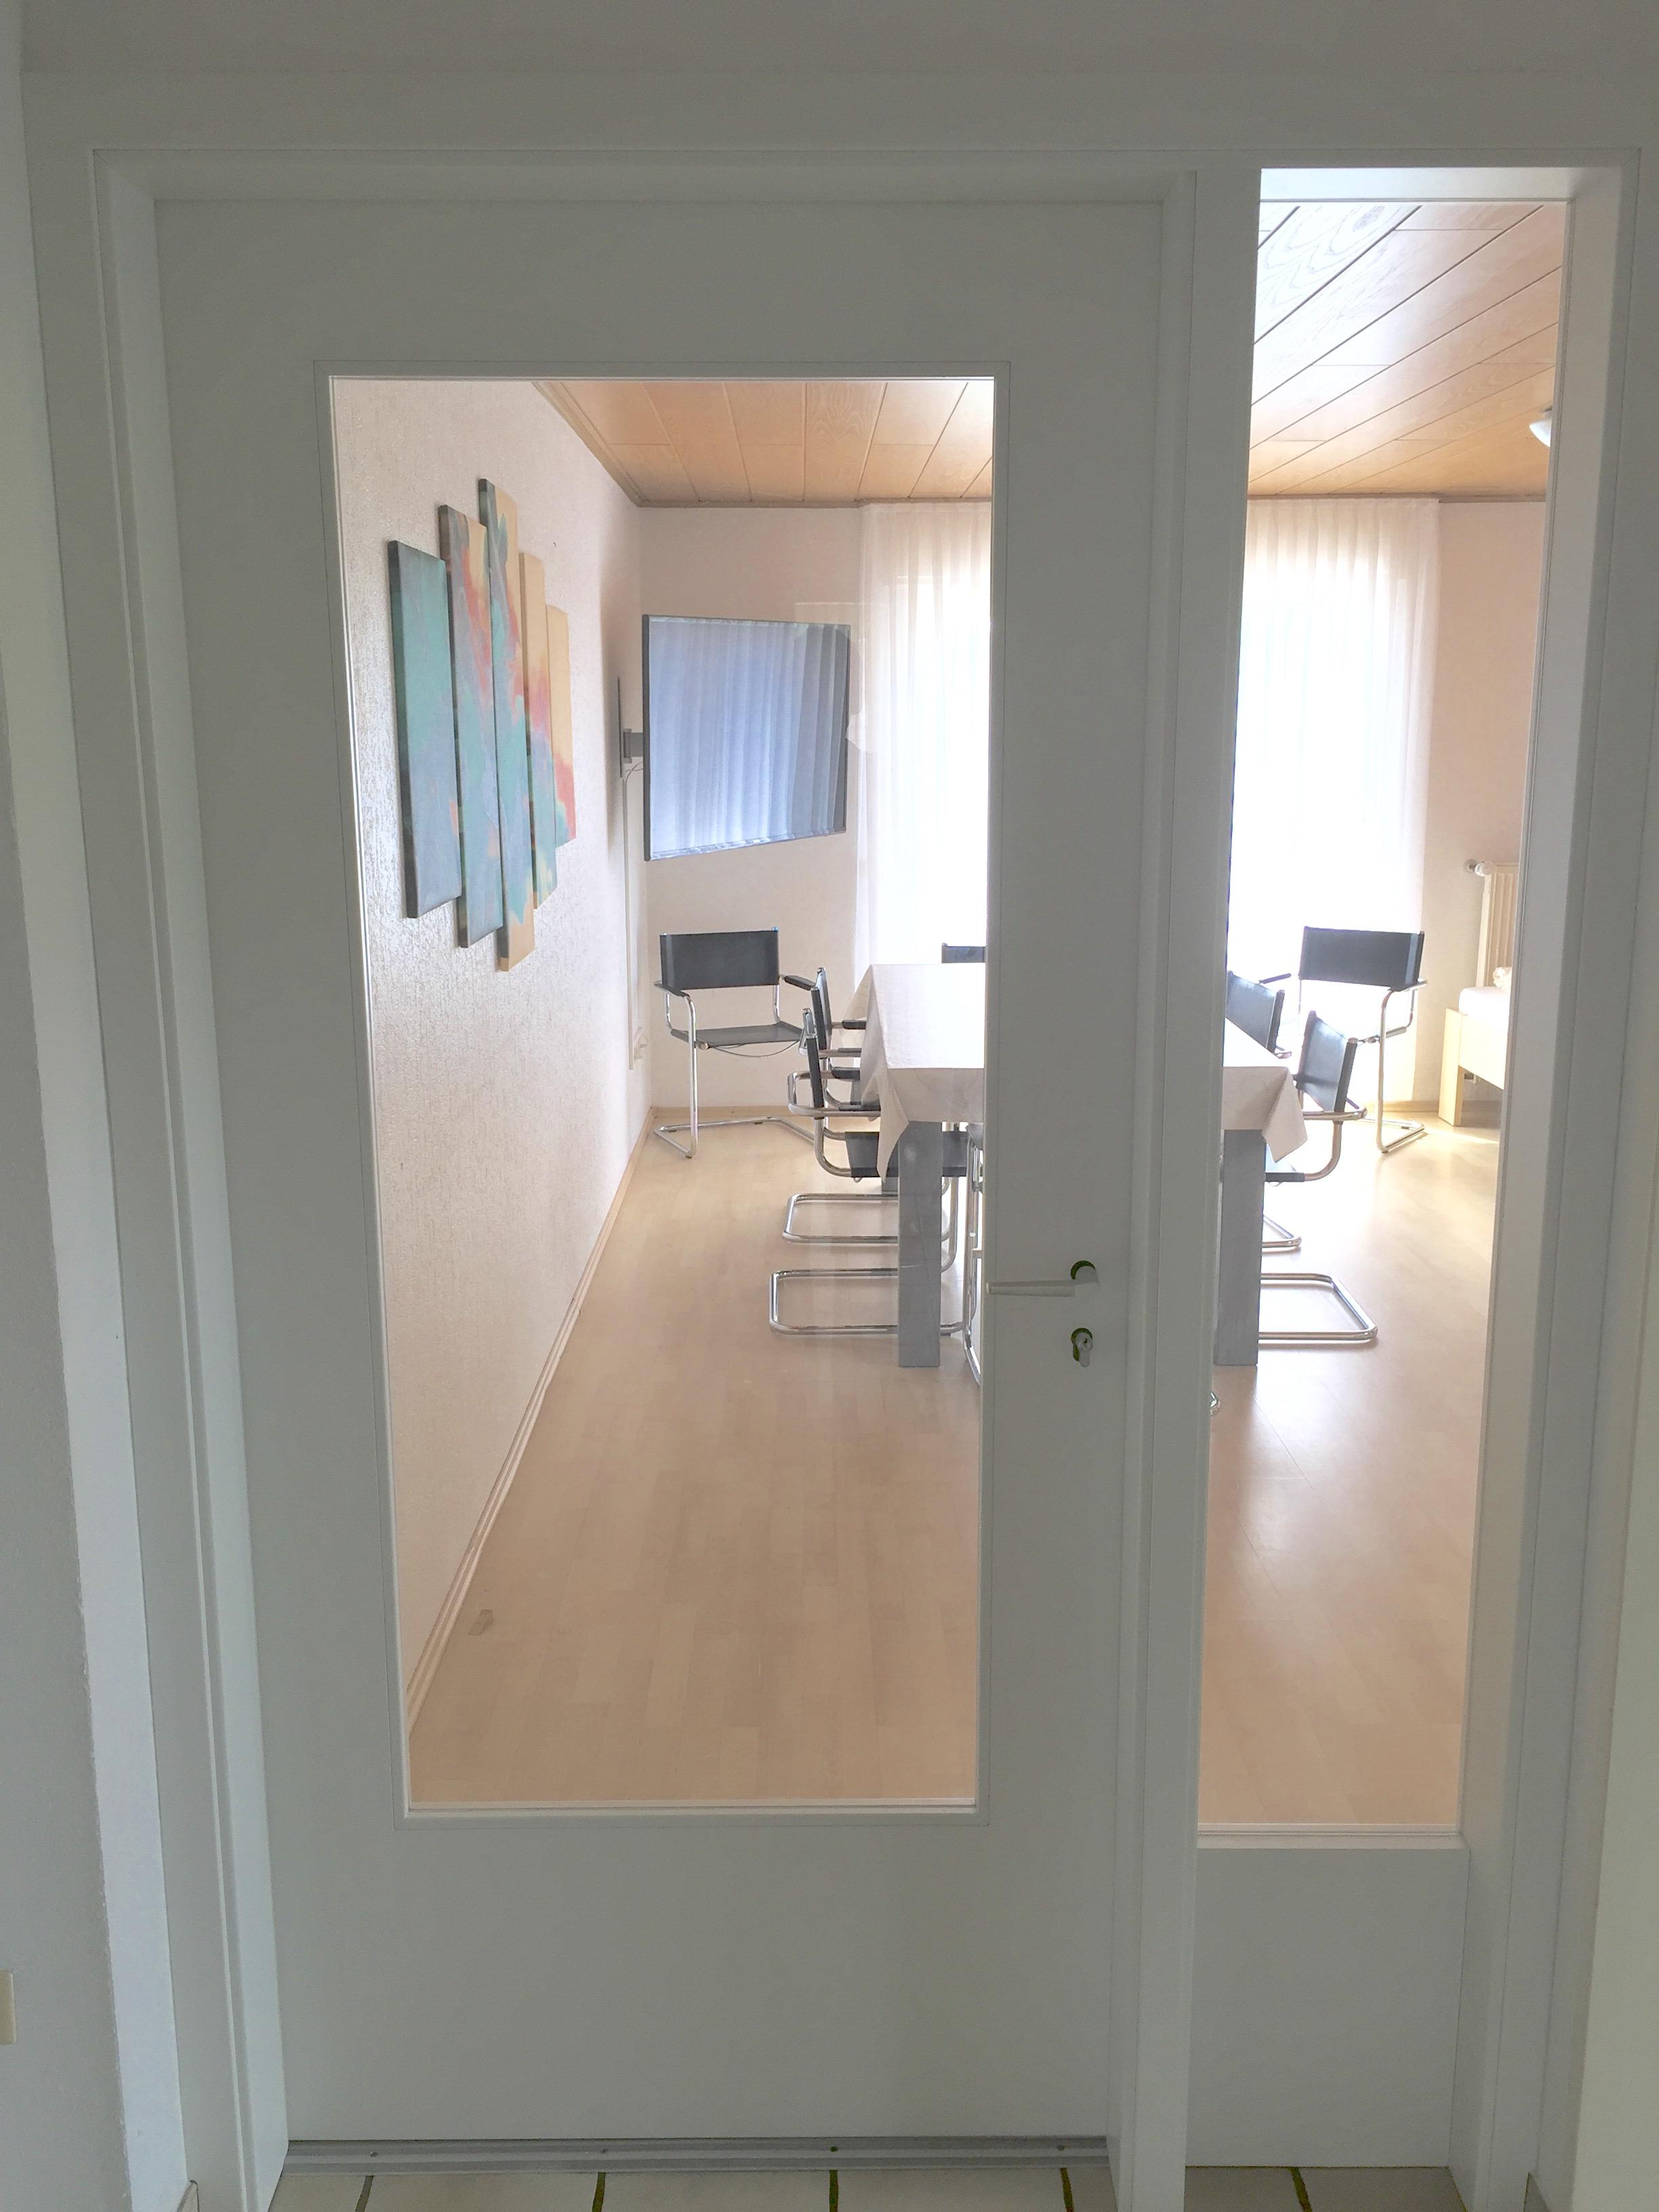 Hotel vs. Ferienhaus - Welche Unterkunft Sie auch suchen, die Agentur für Zimmervermittlung findet eine passende Bleibe für Sie in Lippstadt